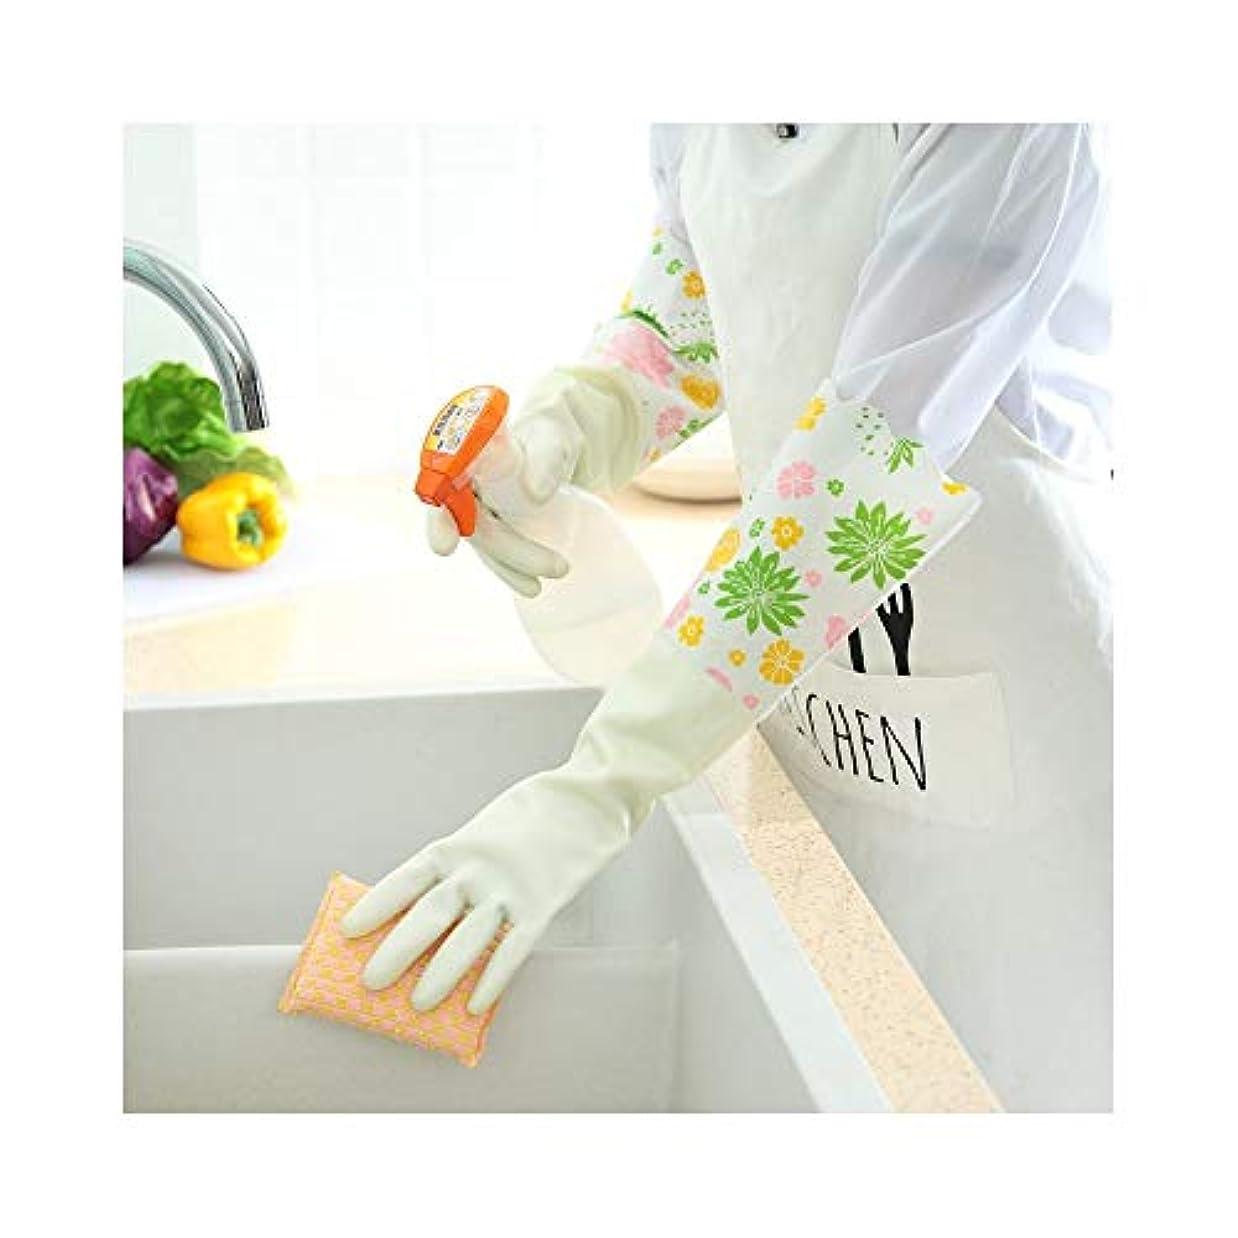 麻酔薬忘れるフェミニンニトリルゴム手袋 キッチン用手袋防水性と耐久性のあるゴム製家事用手袋、1ペア 使い捨て手袋 (Color : GREEN, Size : L)